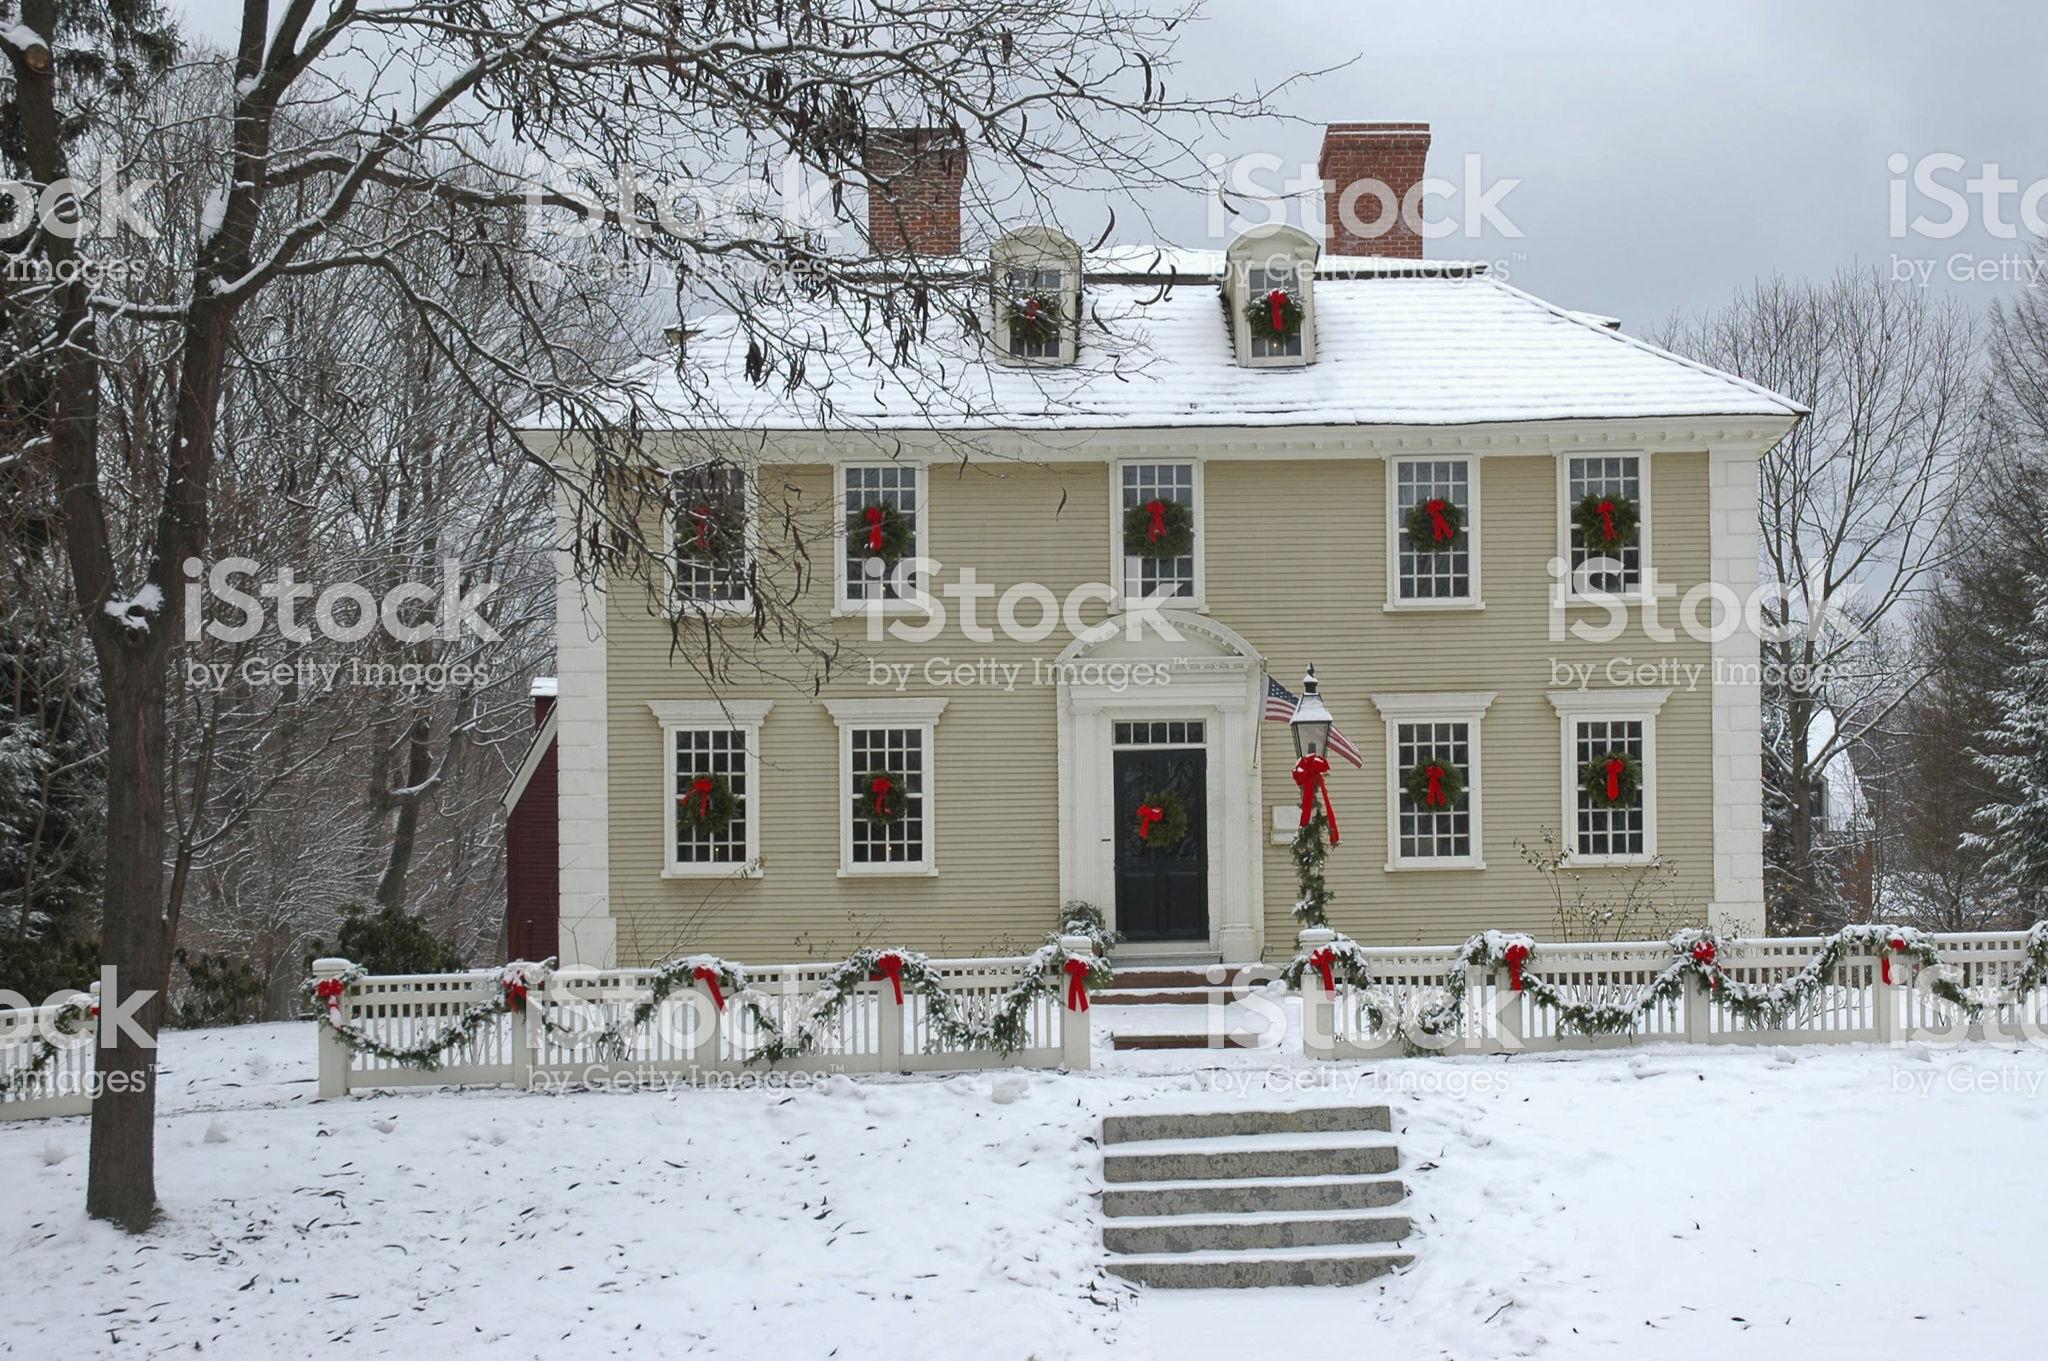 newenglandchristmashouse.jpg